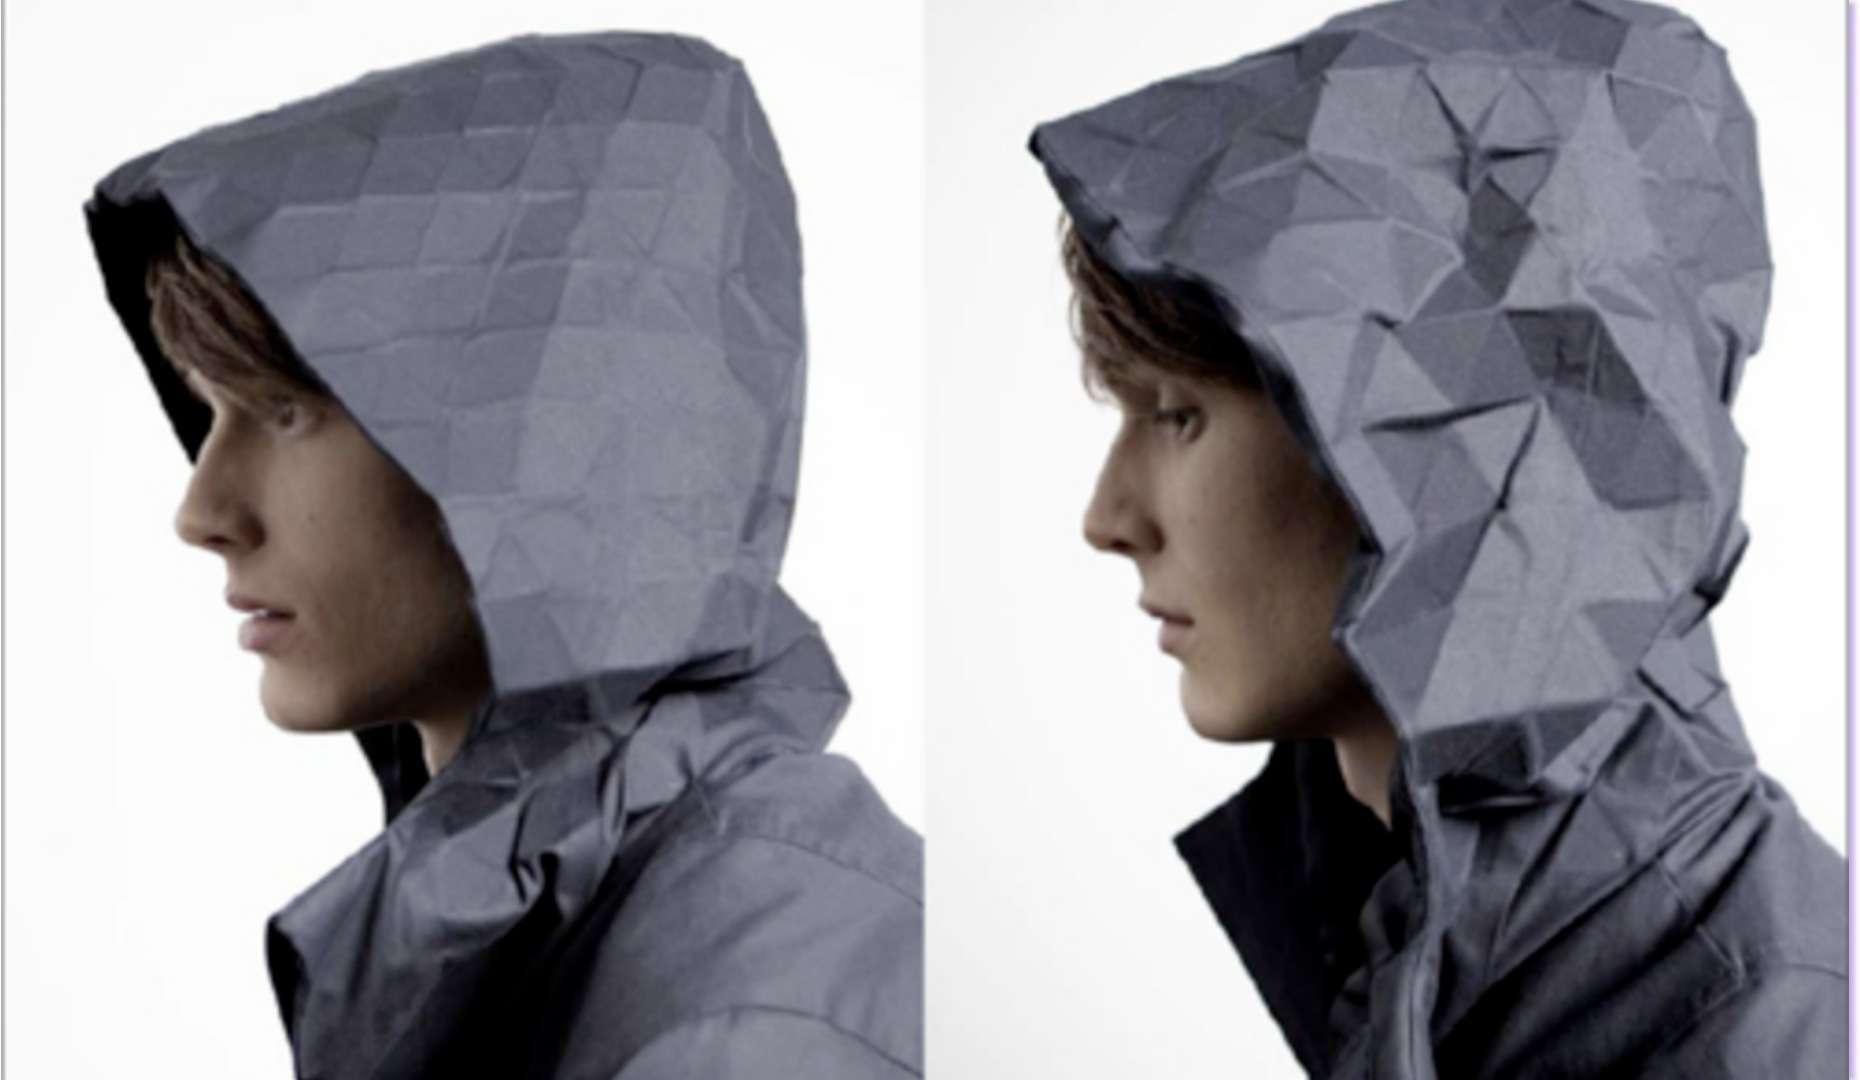 لباس هوشمند که با تغییر احساسات درونی انسان تغییر شکل میدهند